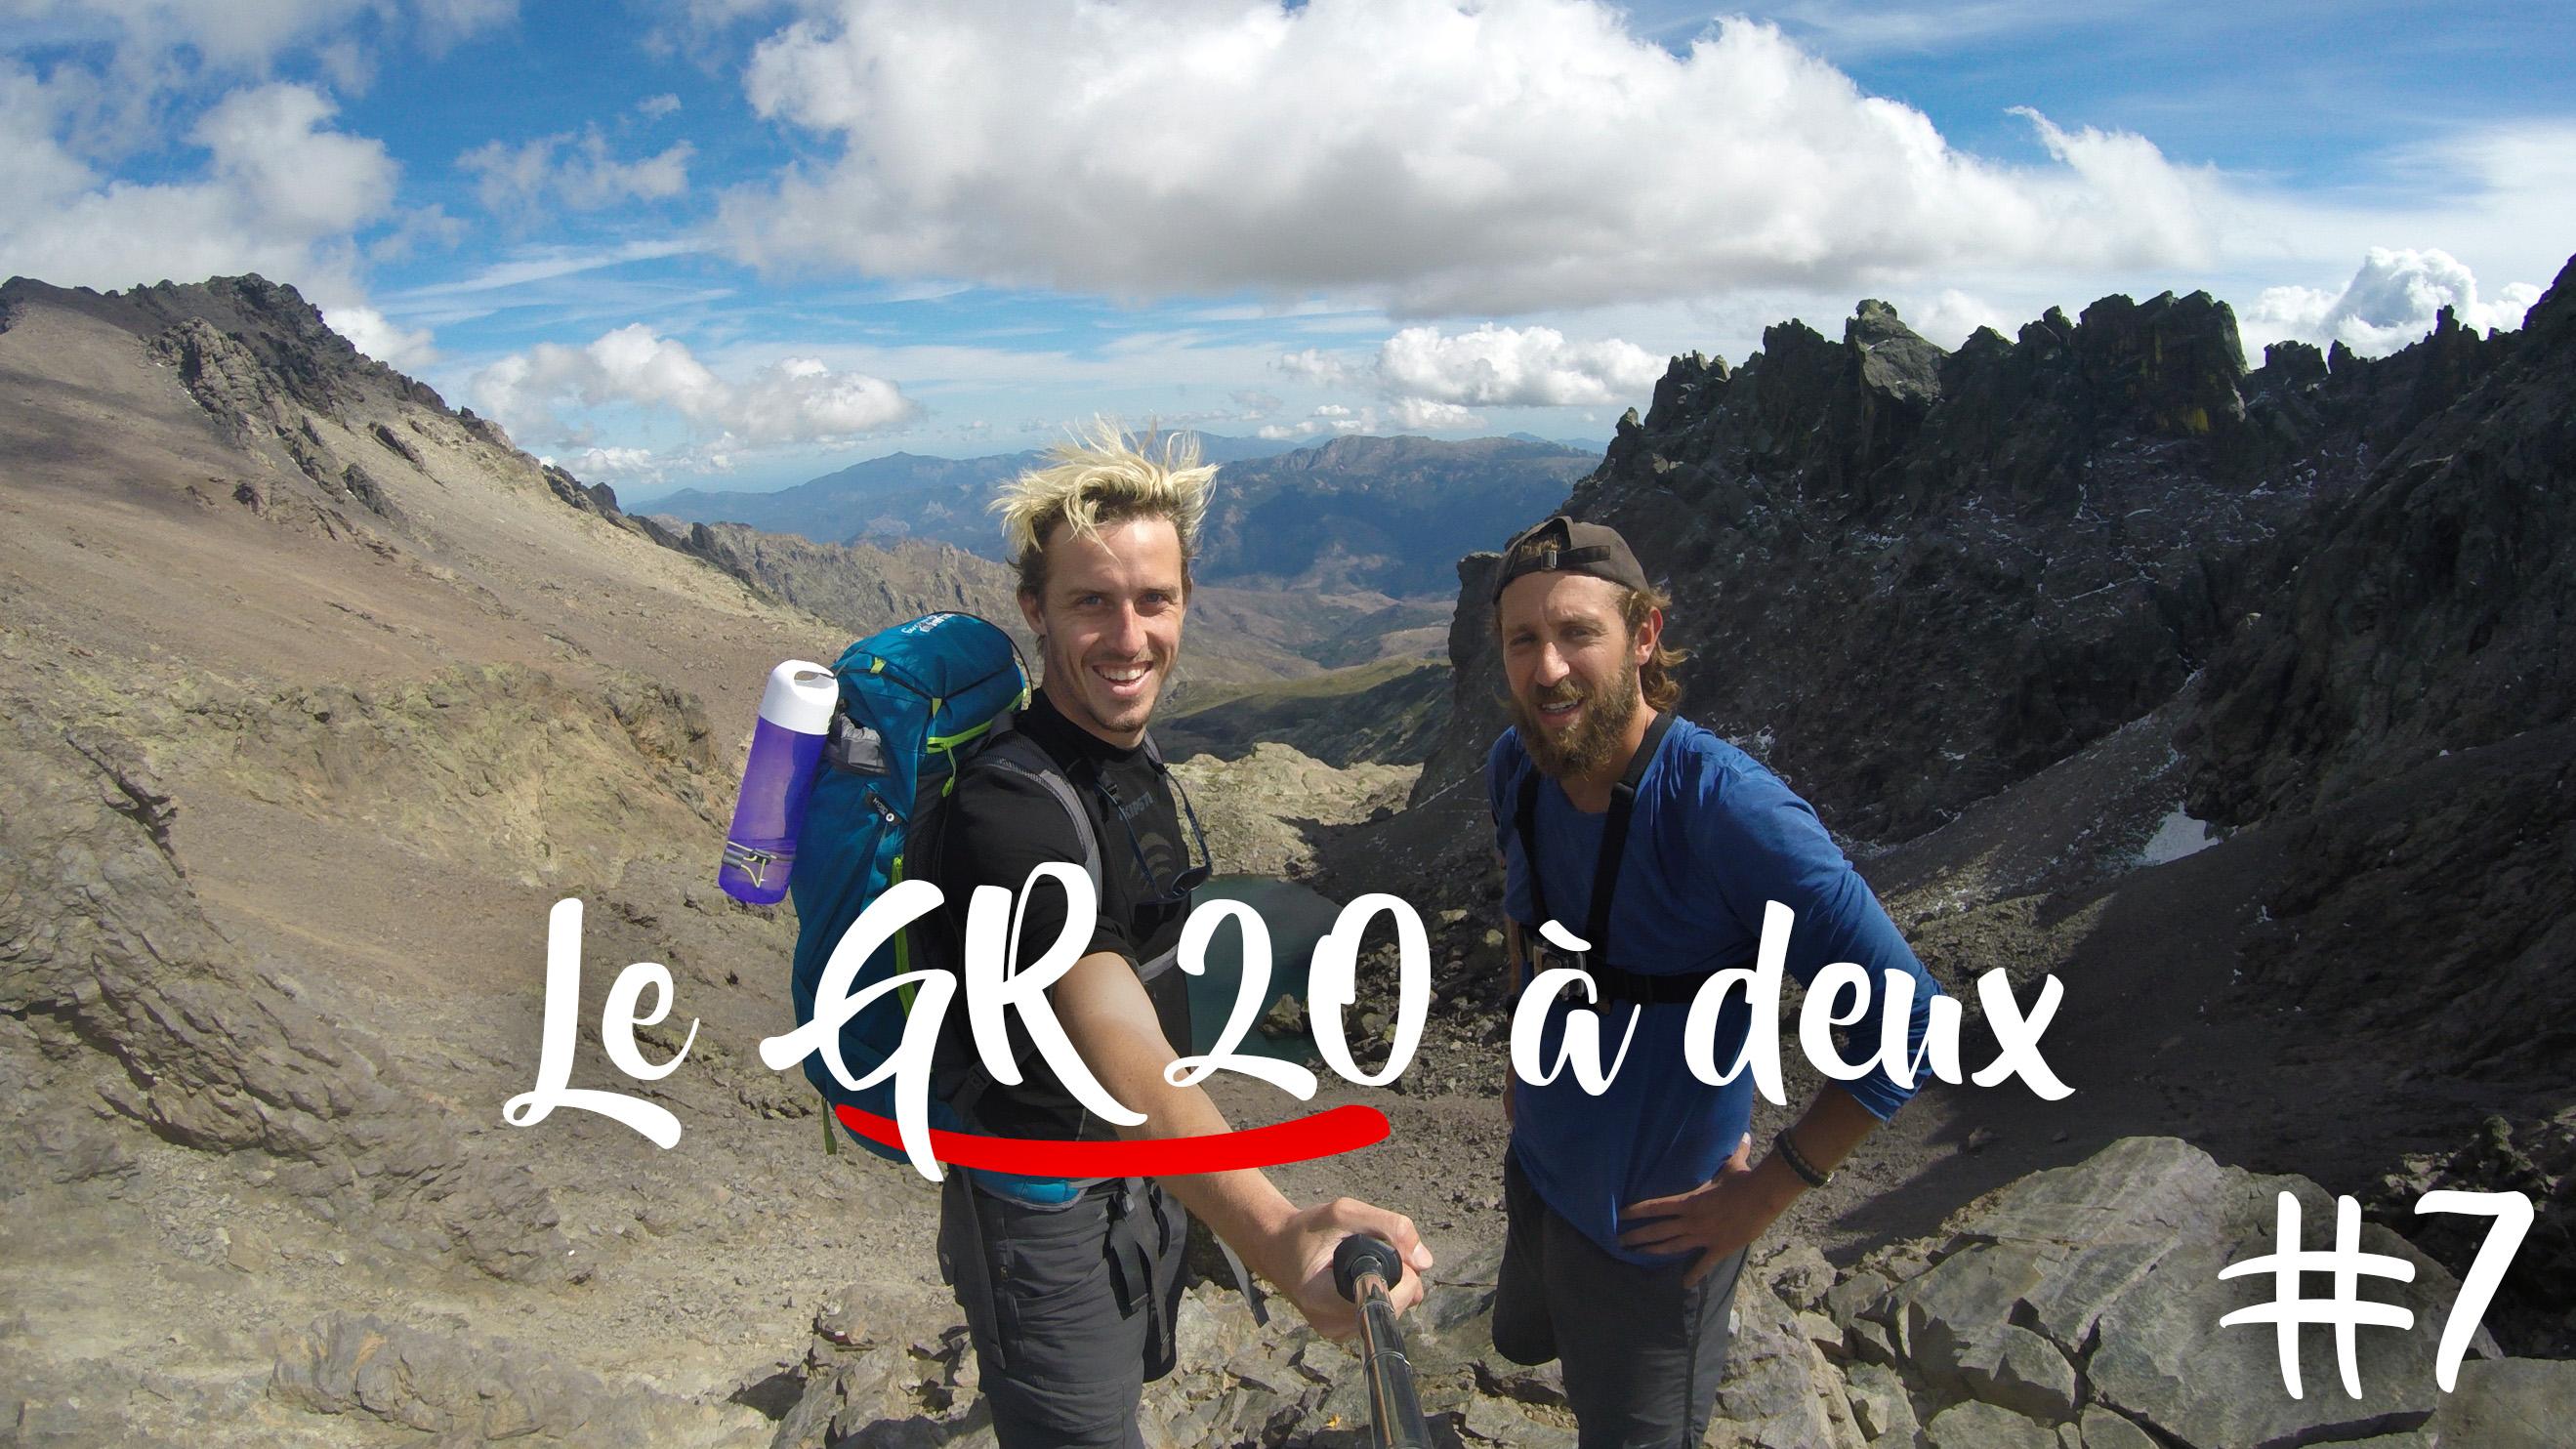 Etape 7 : le plus dur et le plus beau du GR20 // de Col de Vergio à Ascu Stagnu